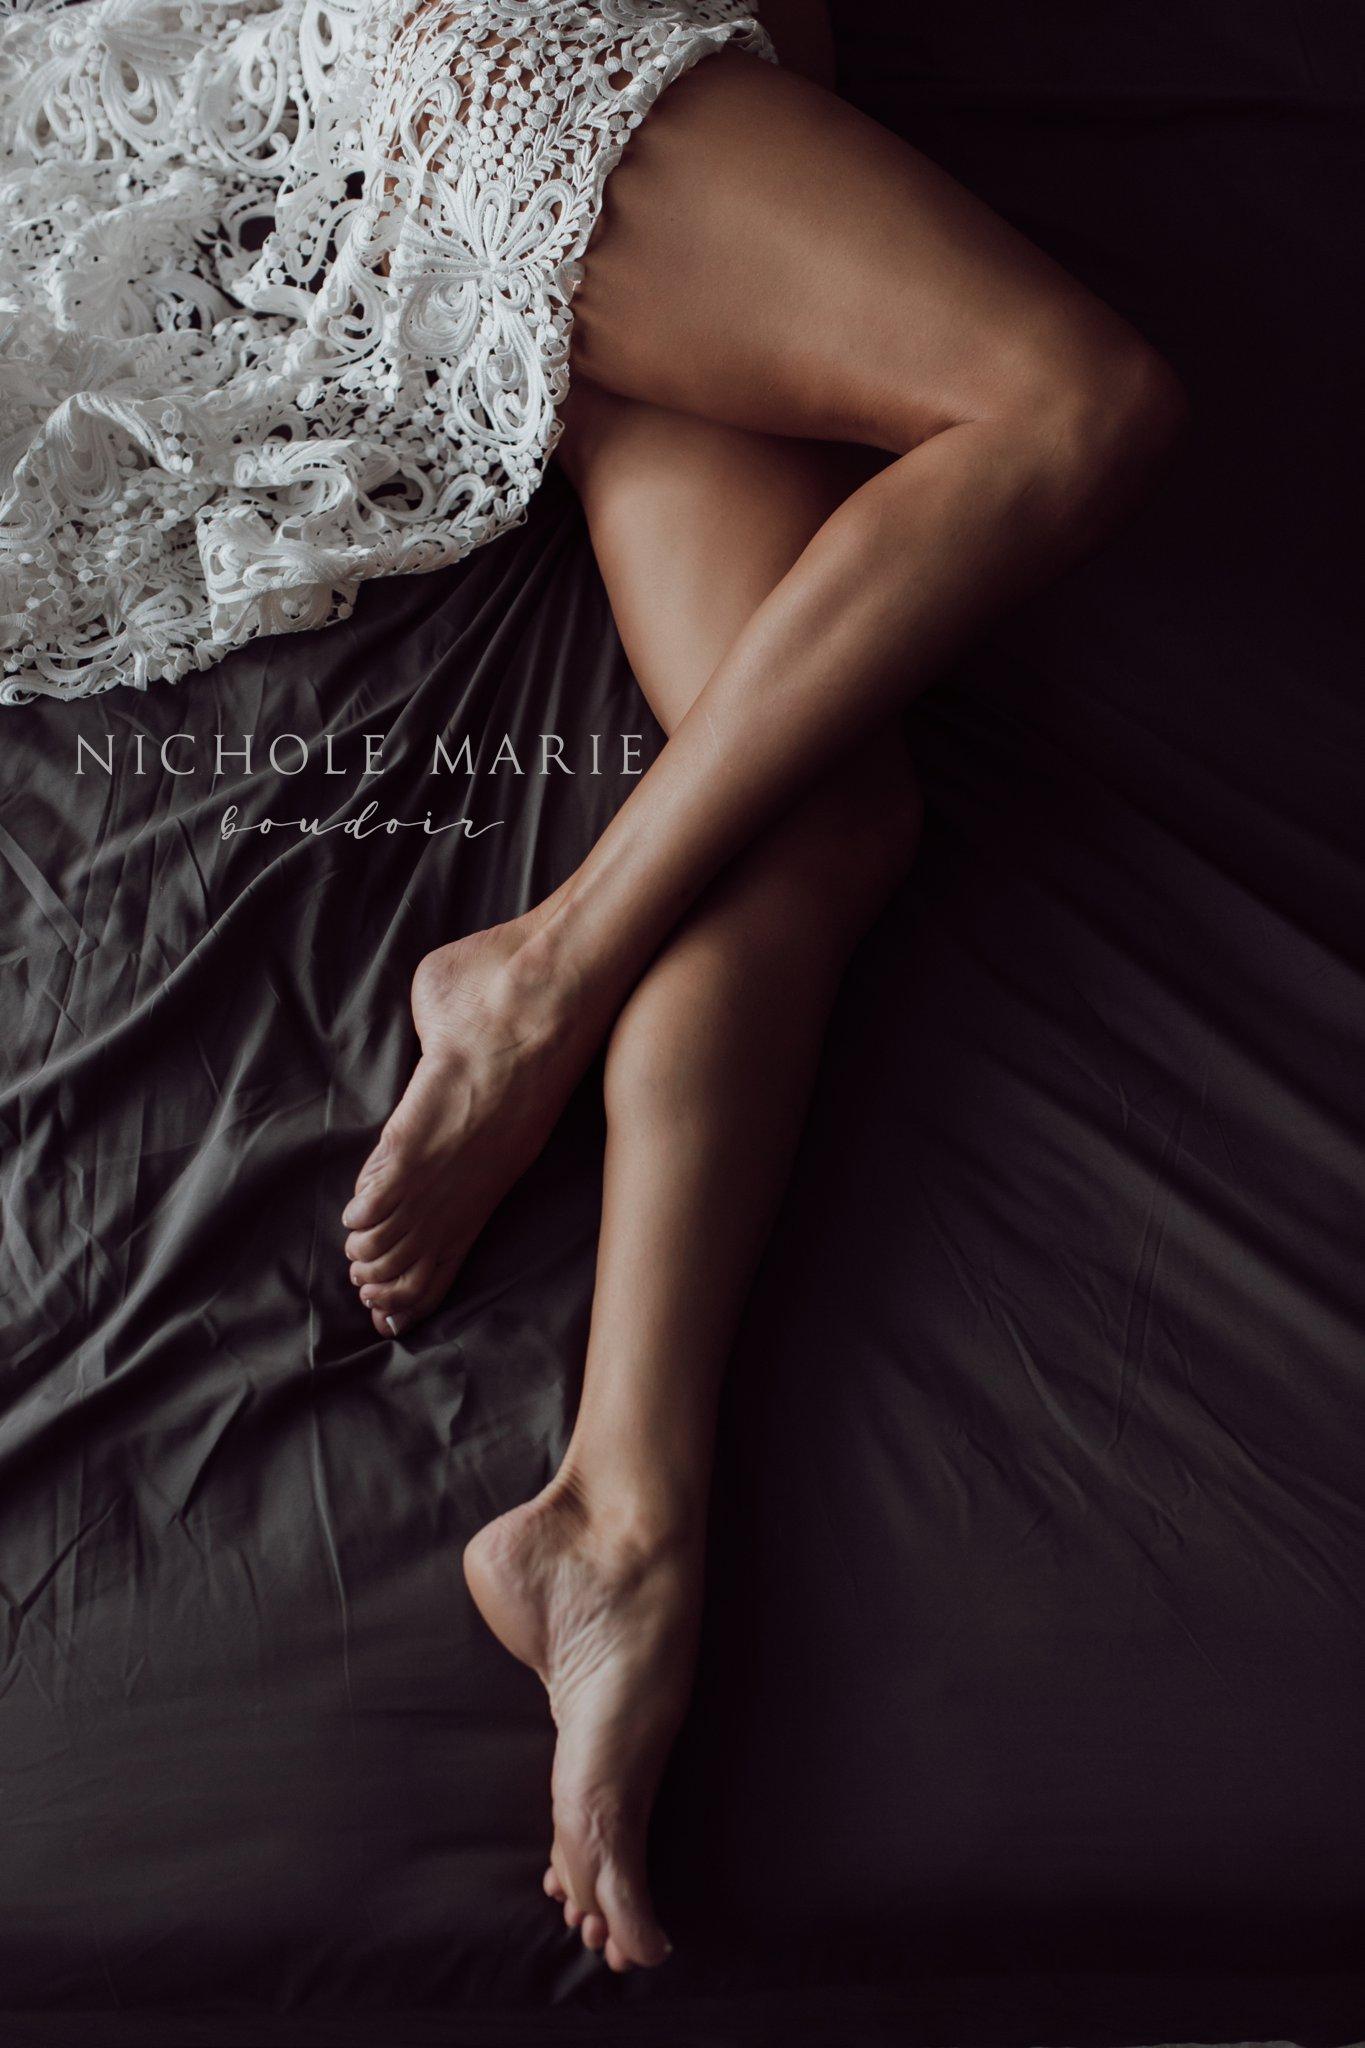 SEBASTIAN FLORIDA BOUDOIR PHOTOGRAPHER | NICHOLE MARIE BOUDOIR_0303.jpg